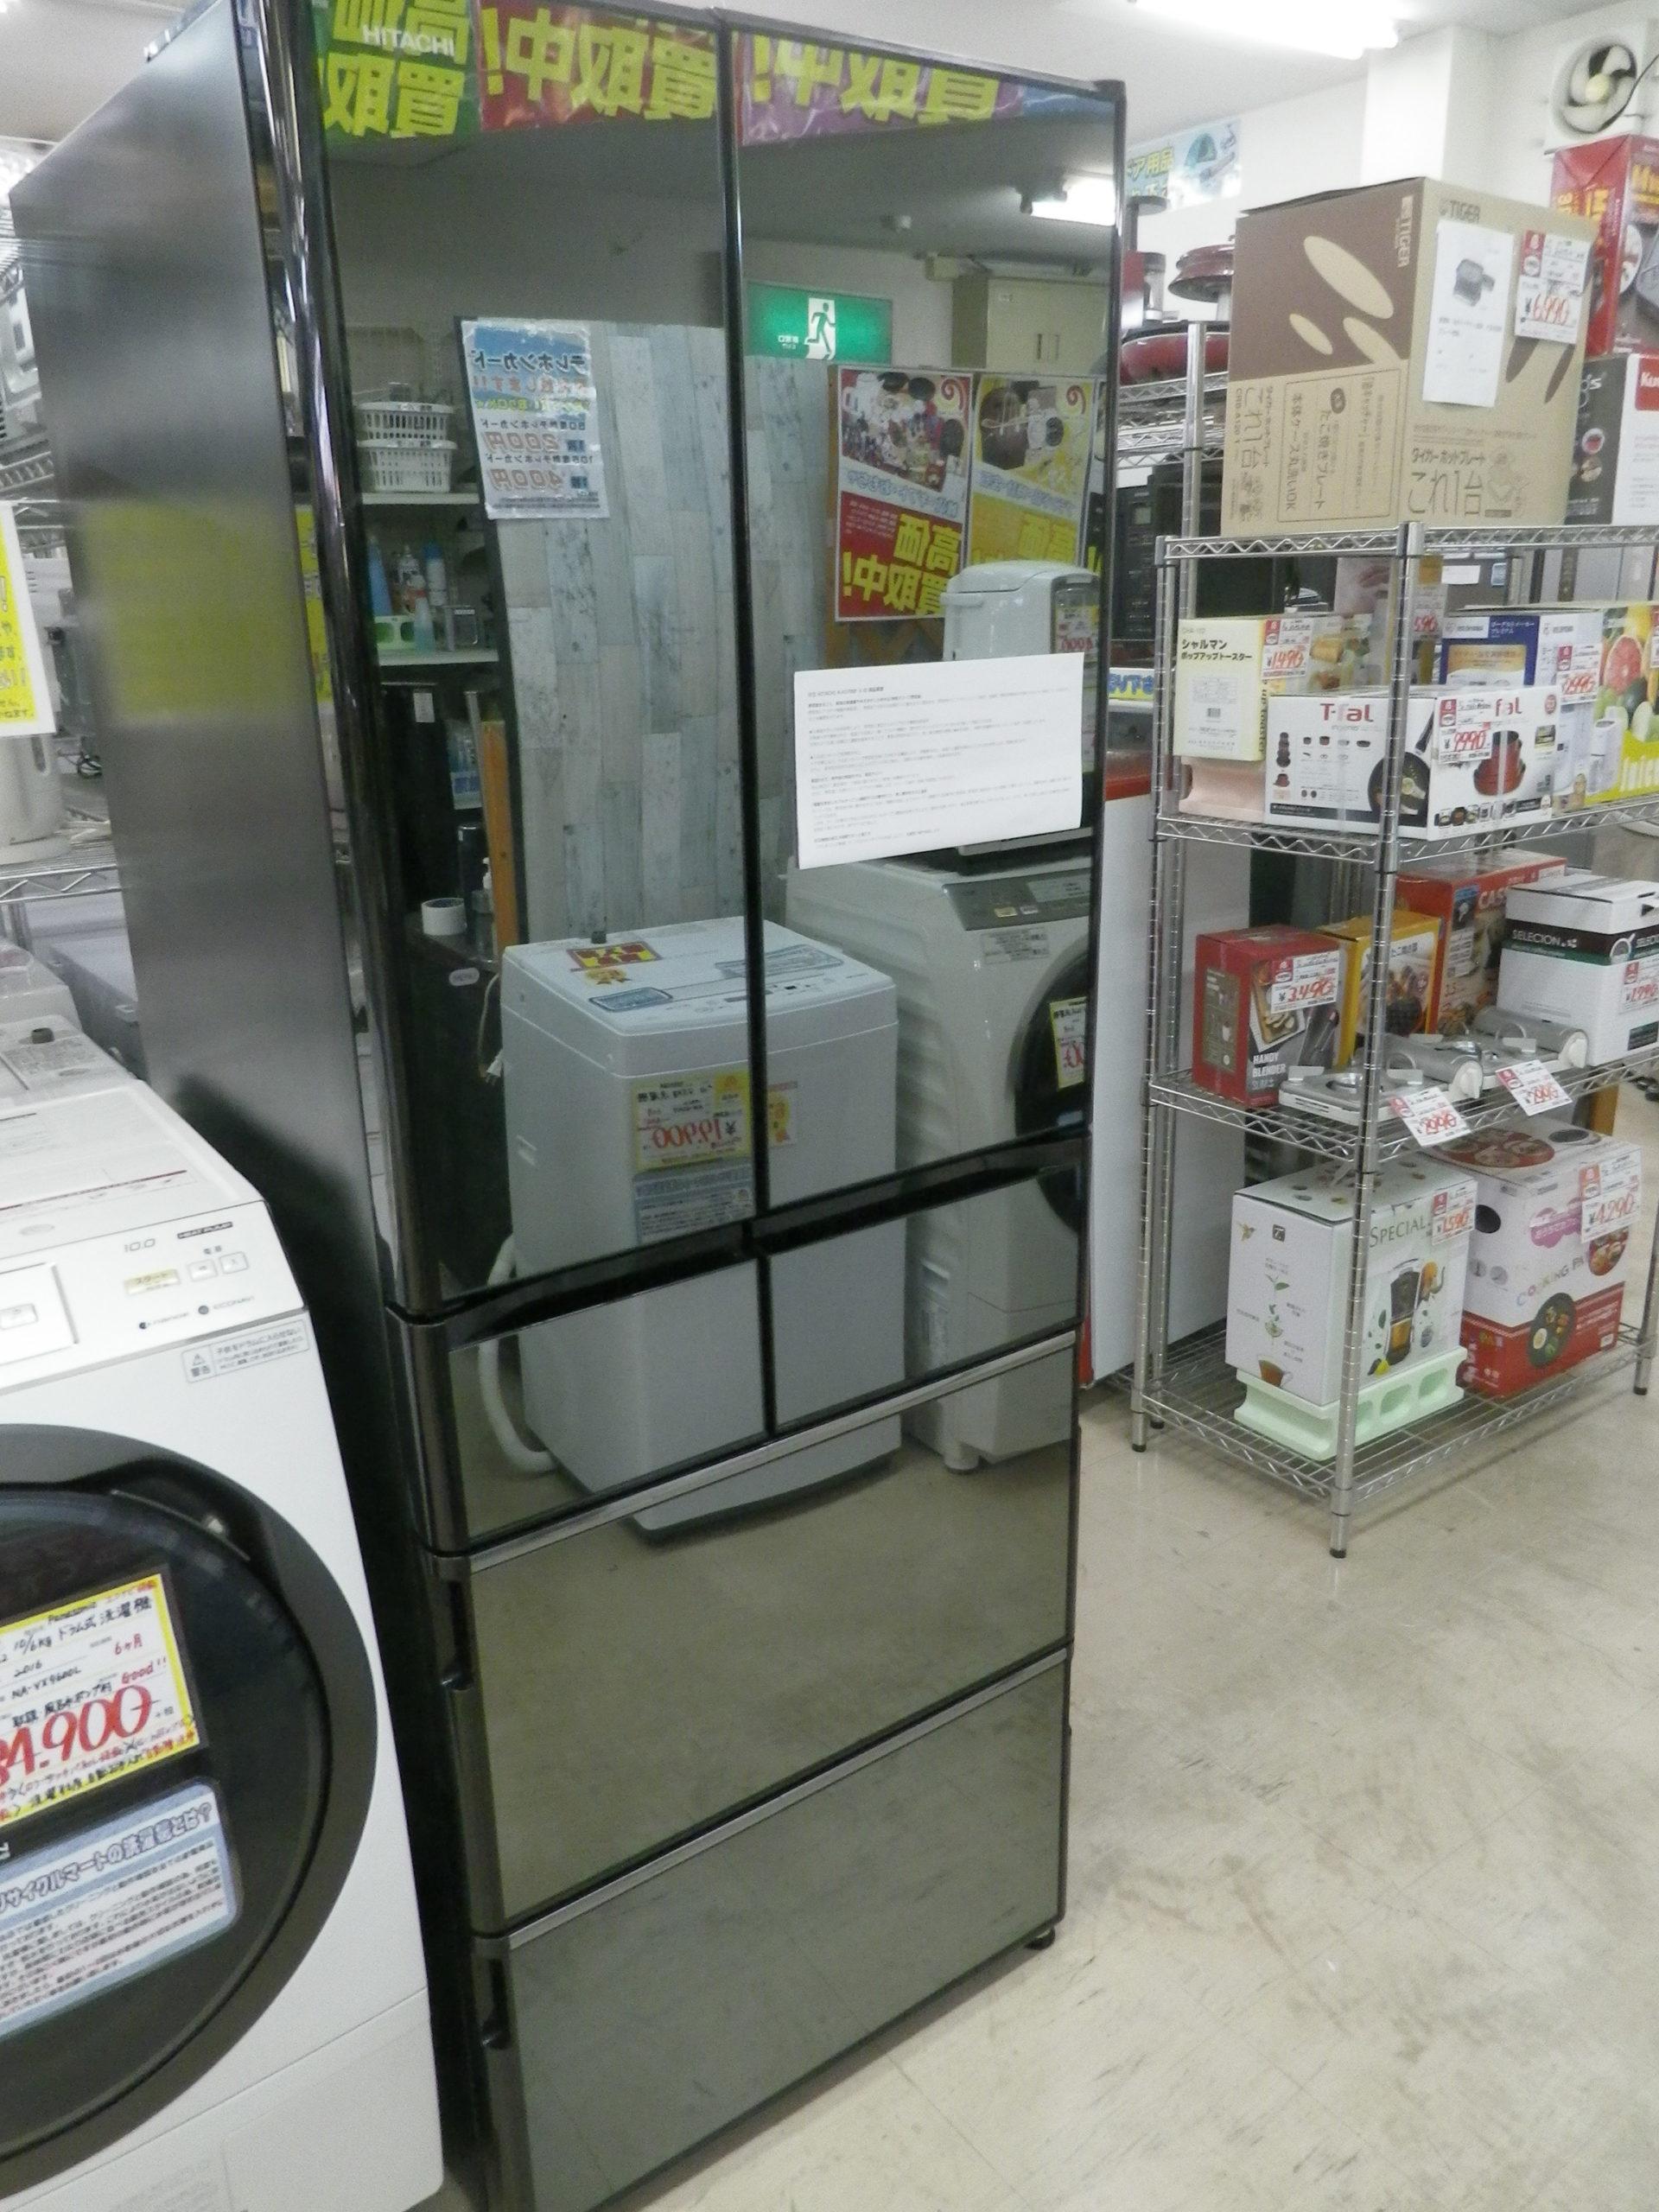 【HITACHI 日立 565L ノンフロン 冷蔵庫 R-X5700F ガラストップ フレンチドア 真空チルド】を買取させて頂きました!の買取-